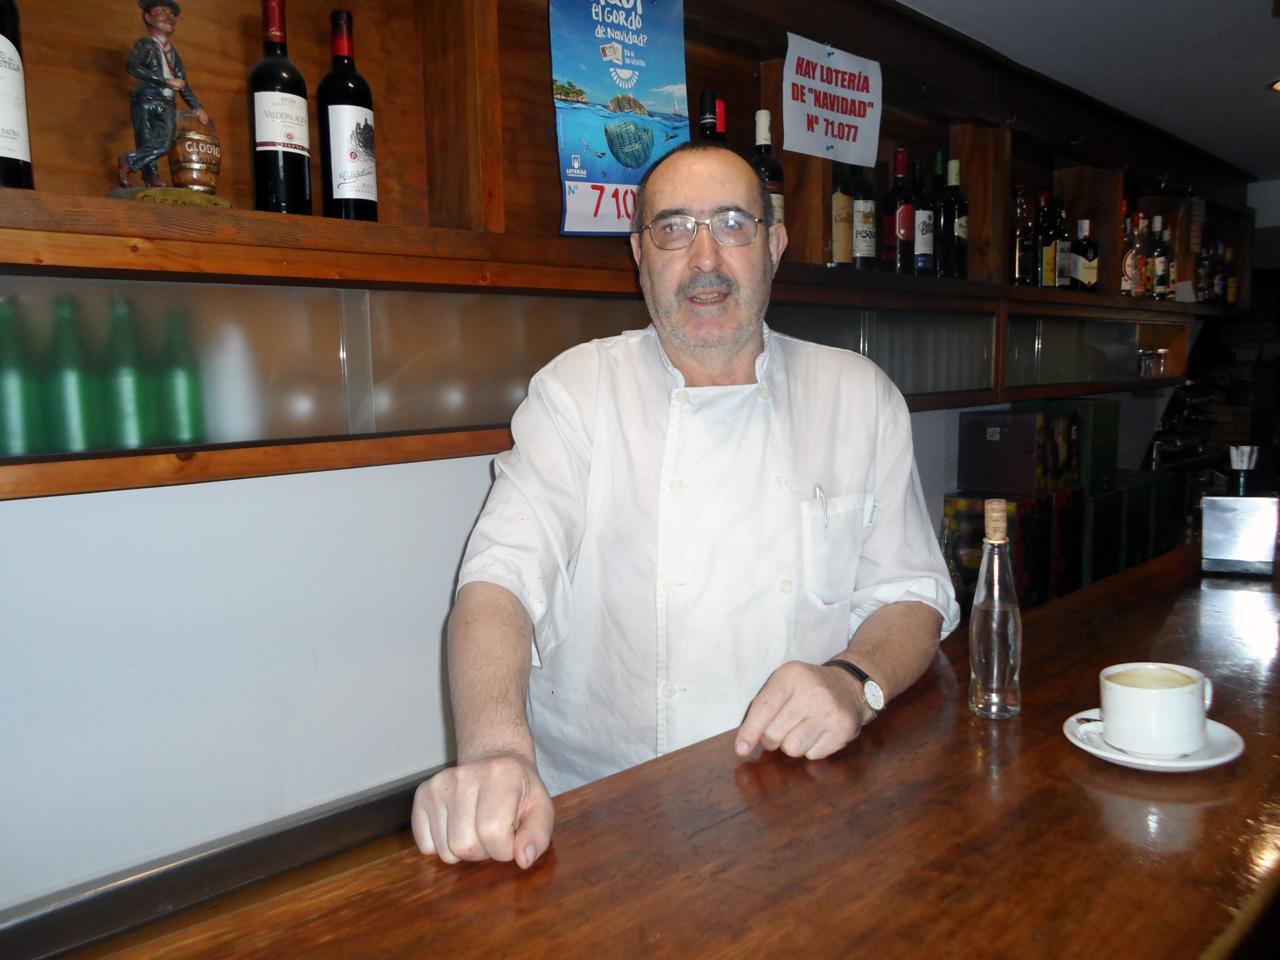 Despois de 35 anos traballando nesta rúa, Antonio Rodríguez defende que a peonalización atrae máis xente - FOTO: G.L.O.